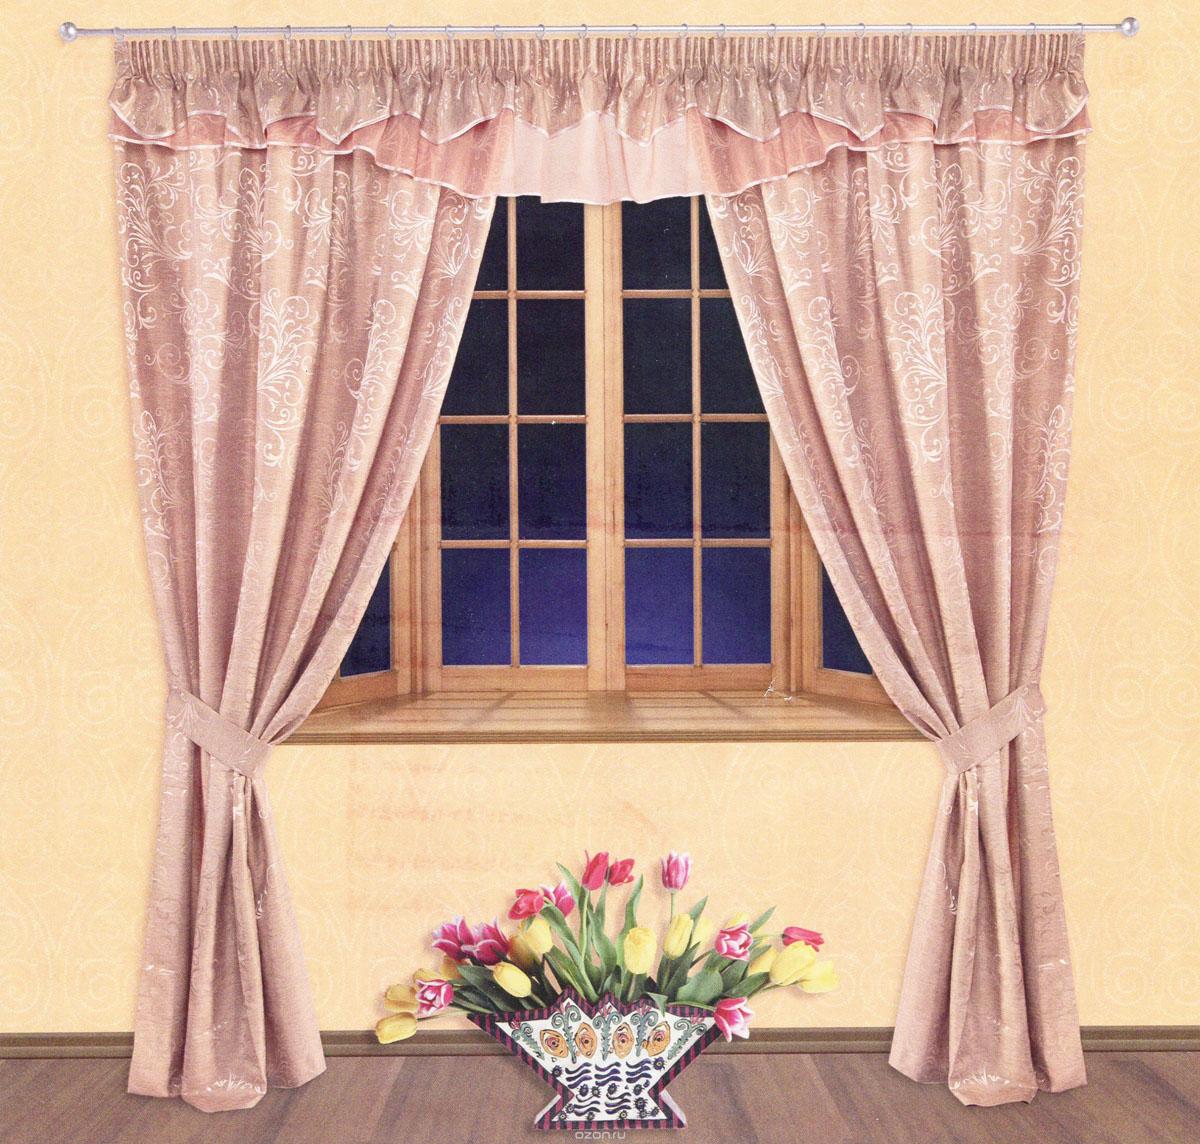 Комплект штор Zlata Korunka, на ленте, цвет: бледно-розовый, высота 250 см. 55526S03301004Роскошный комплект штор Zlata Korunka, выполненный из сатина, жаккарда и вуали (100% полиэстера), великолепно украсит любое окно. Комплект состоит из двух портьер, ламбрекена и двух подхватов. Сочетание плотной и полупрозрачной тонкой ткани, оригинальный орнамент и приятная, приглушенная гамма привлекут к себе внимание и органично впишутся в интерьер помещения. Комплект крепится на карниз при помощи шторной ленты, которая поможет красиво и равномерно задрапировать верх. Портьеры можно зафиксировать в одном положении с помощью двух подхватов. Этот комплект будет долгое время радовать вас и вашу семью! В комплект входит: Портьера: 2 шт. Размер (ШхВ): 140 см х 250 см. Ламбрекен: 1 шт. Размер (ШхВ): 400 см х 50 см.Подхват: 2 шт. Размер (ШхВ): 60 см х 10 см.